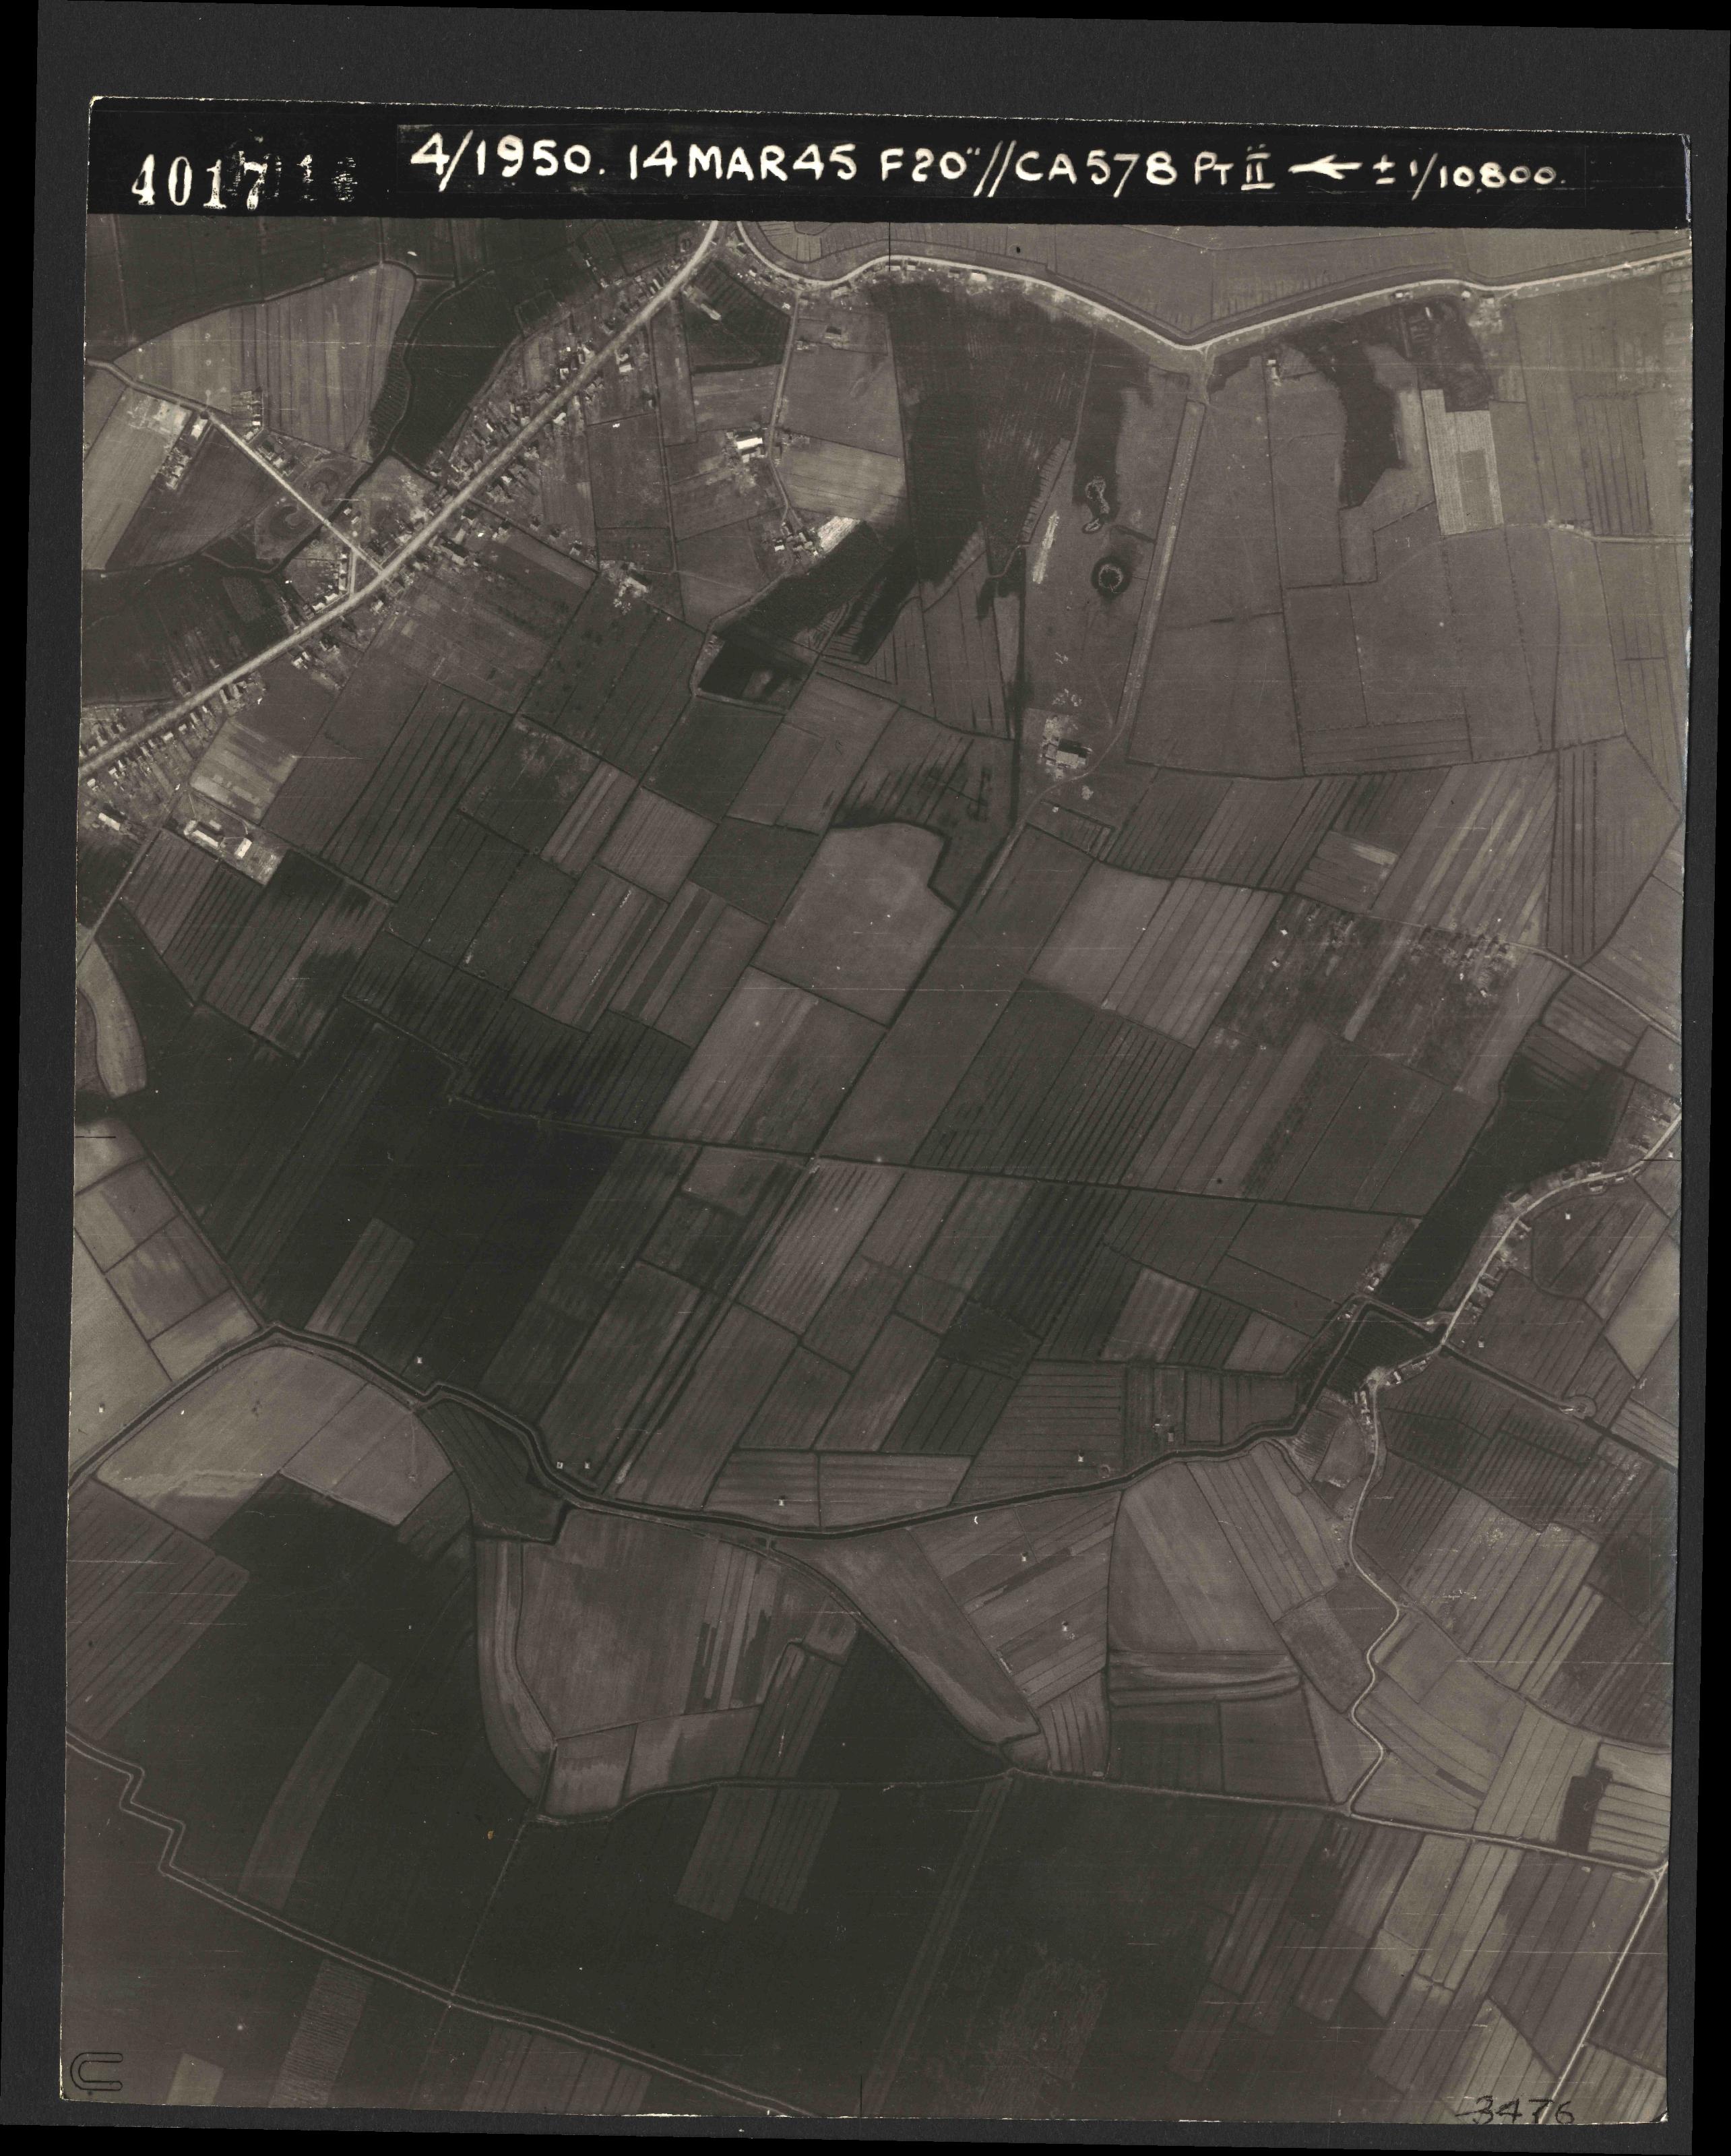 Collection RAF aerial photos 1940-1945 - flight 010, run 01, photo 4017